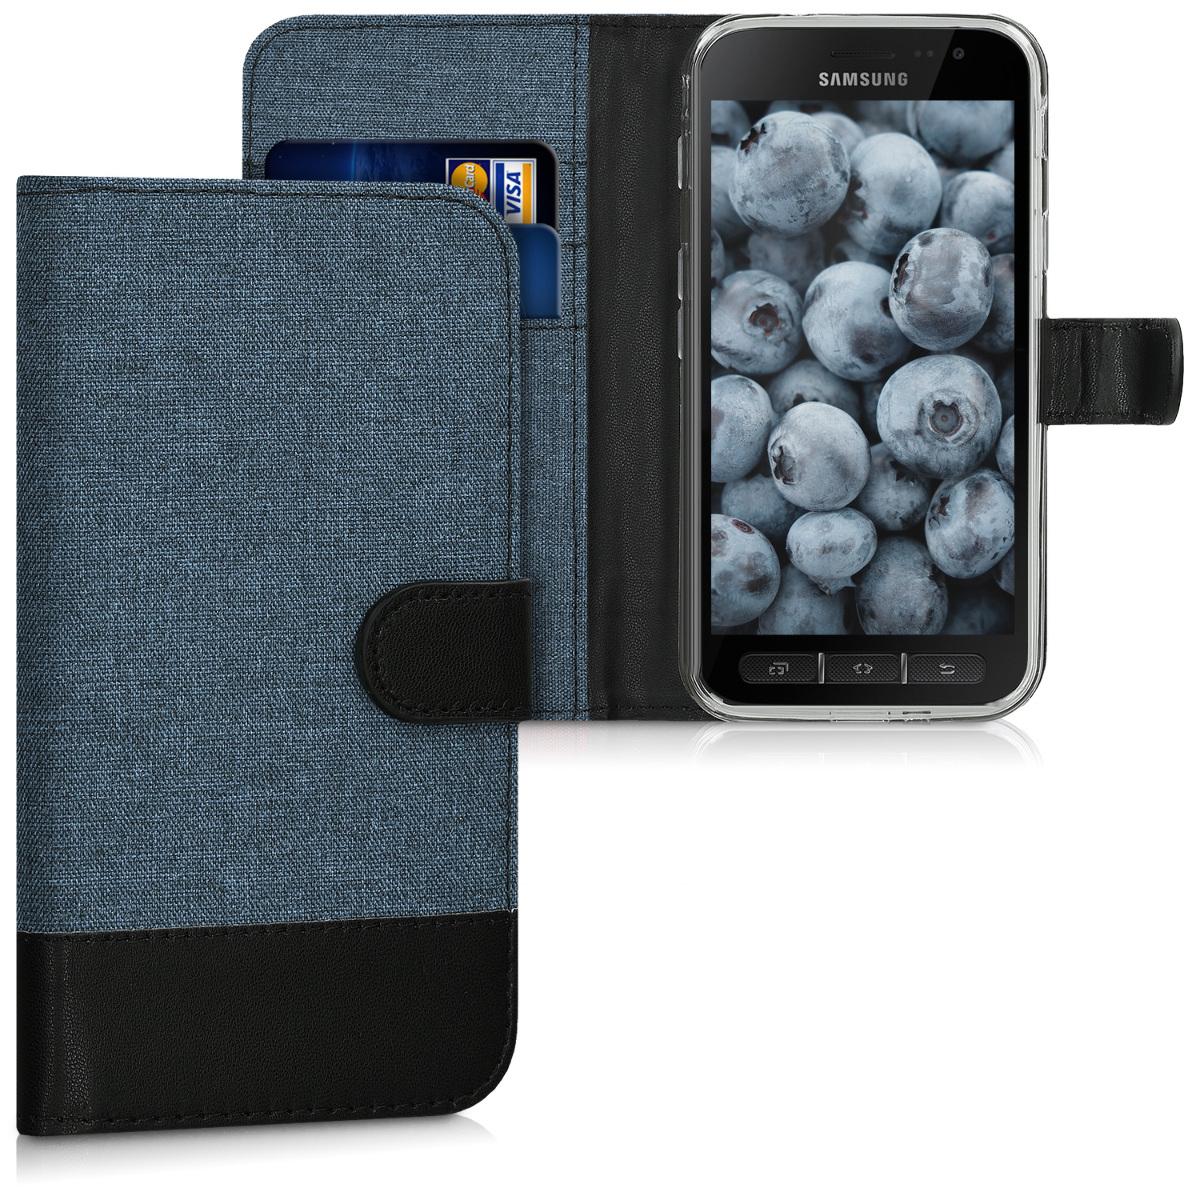 KW Θήκη Πορτοφόλι Samsung Galaxy Xcover 4 - Dark Blue / Black (41255.03)